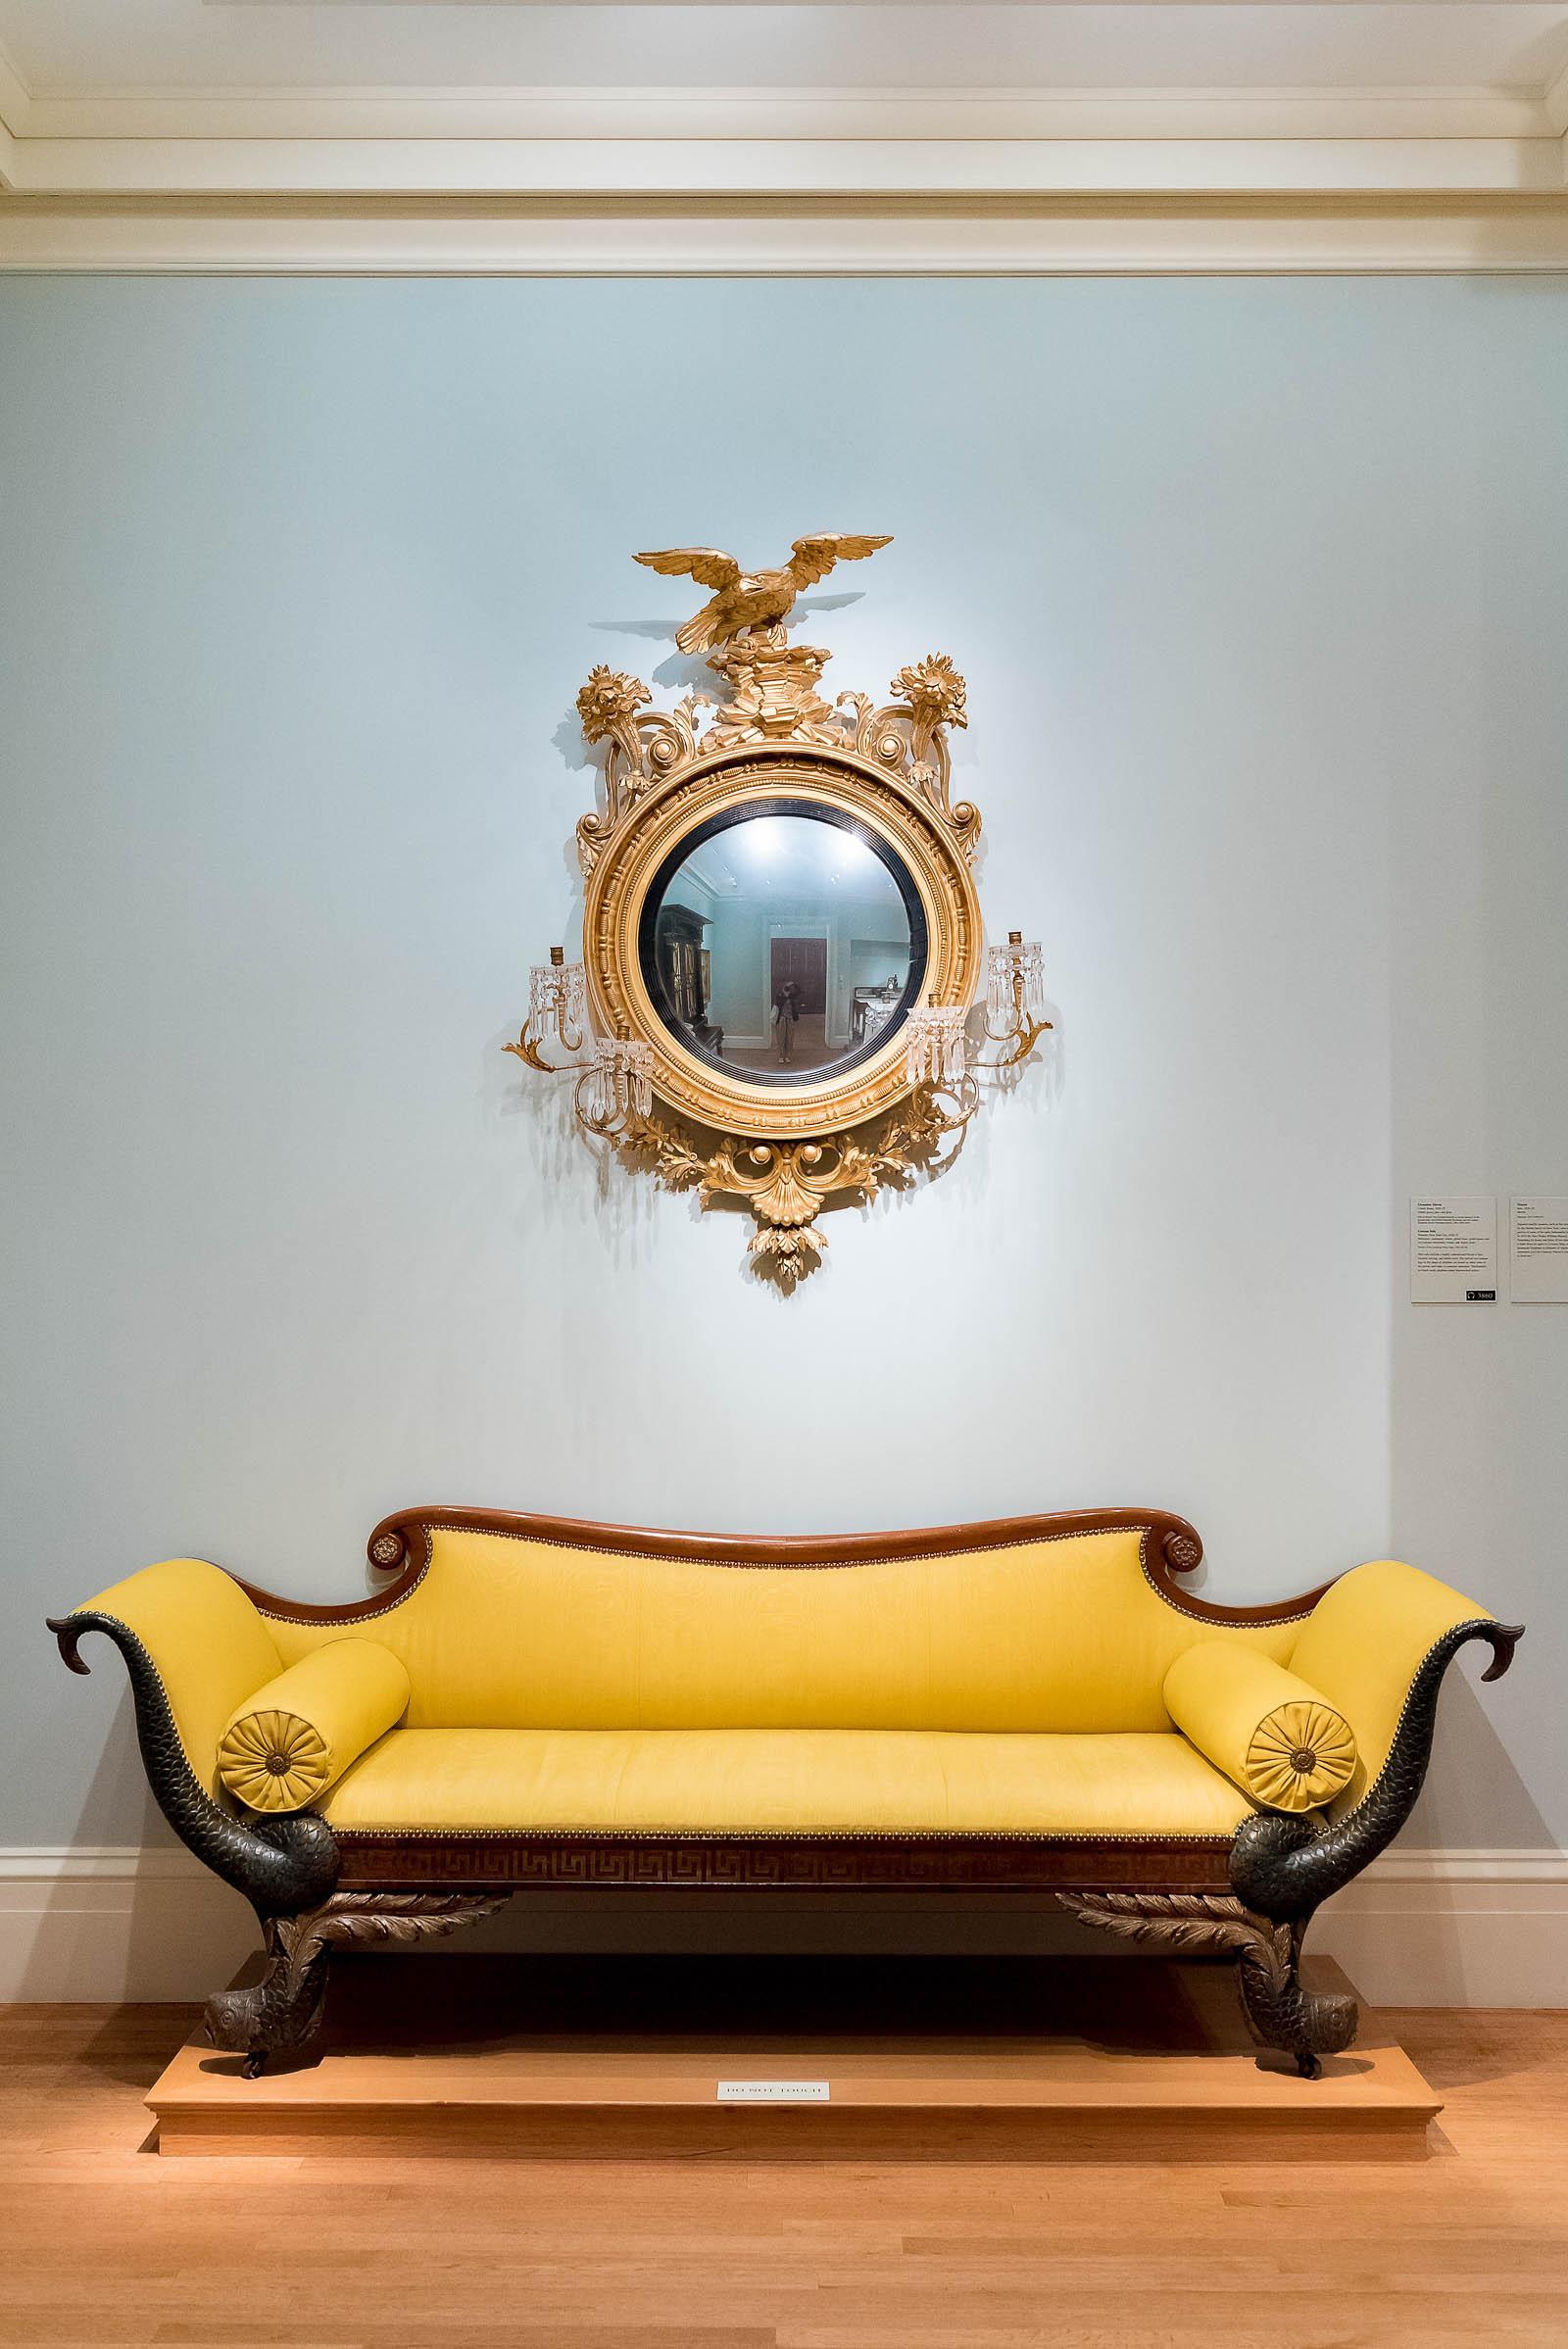 Nyc The Metropolitan Museum Of Art Sed Bona